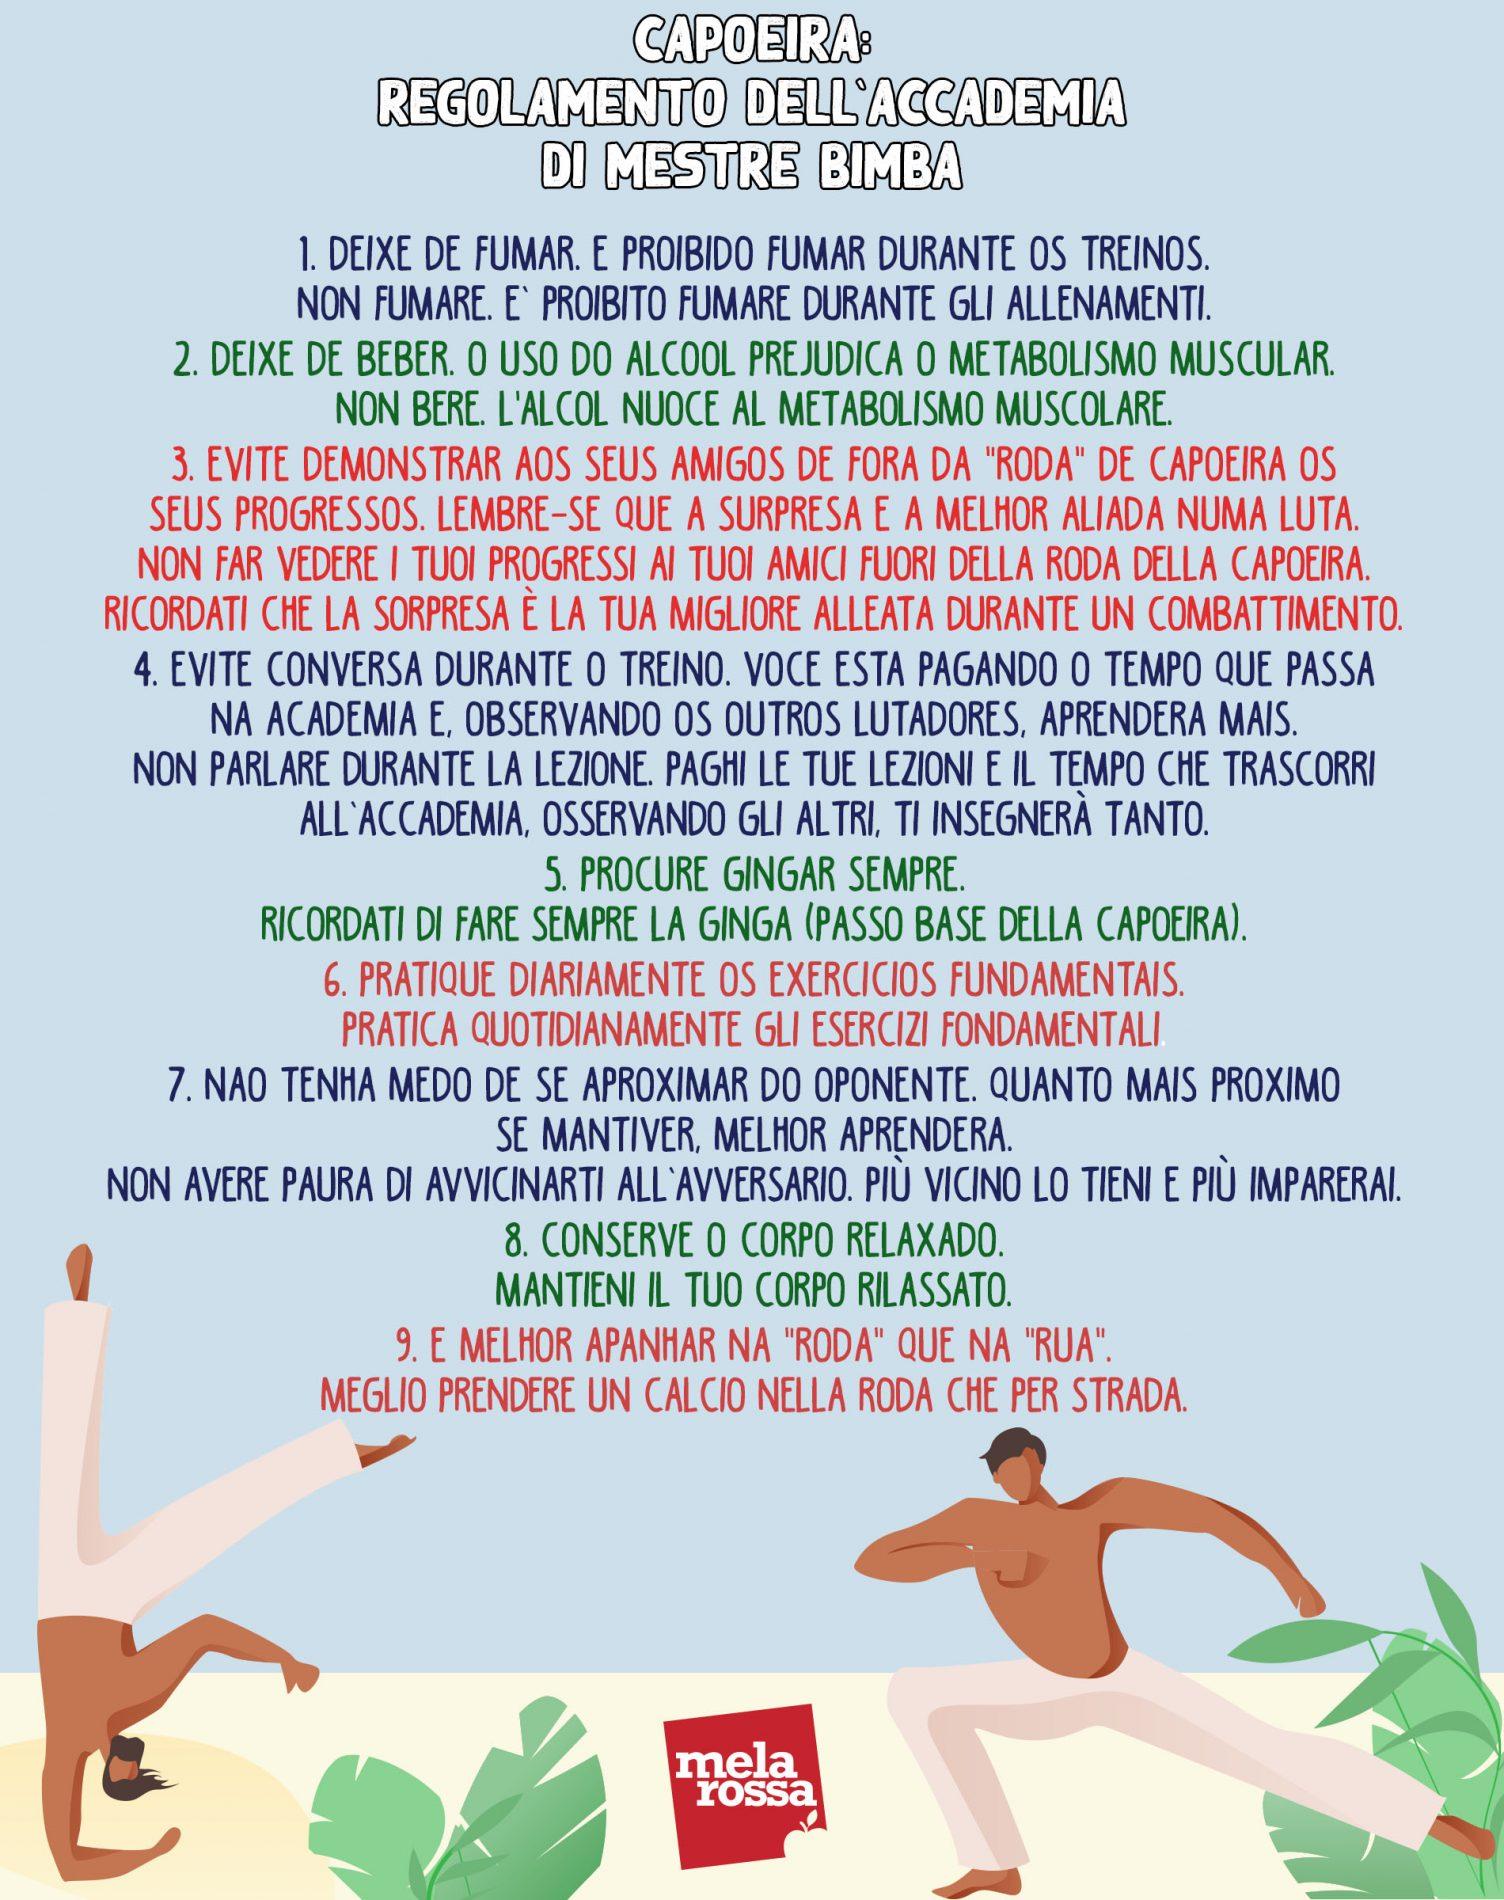 capoeira: regolamento dell'accademia